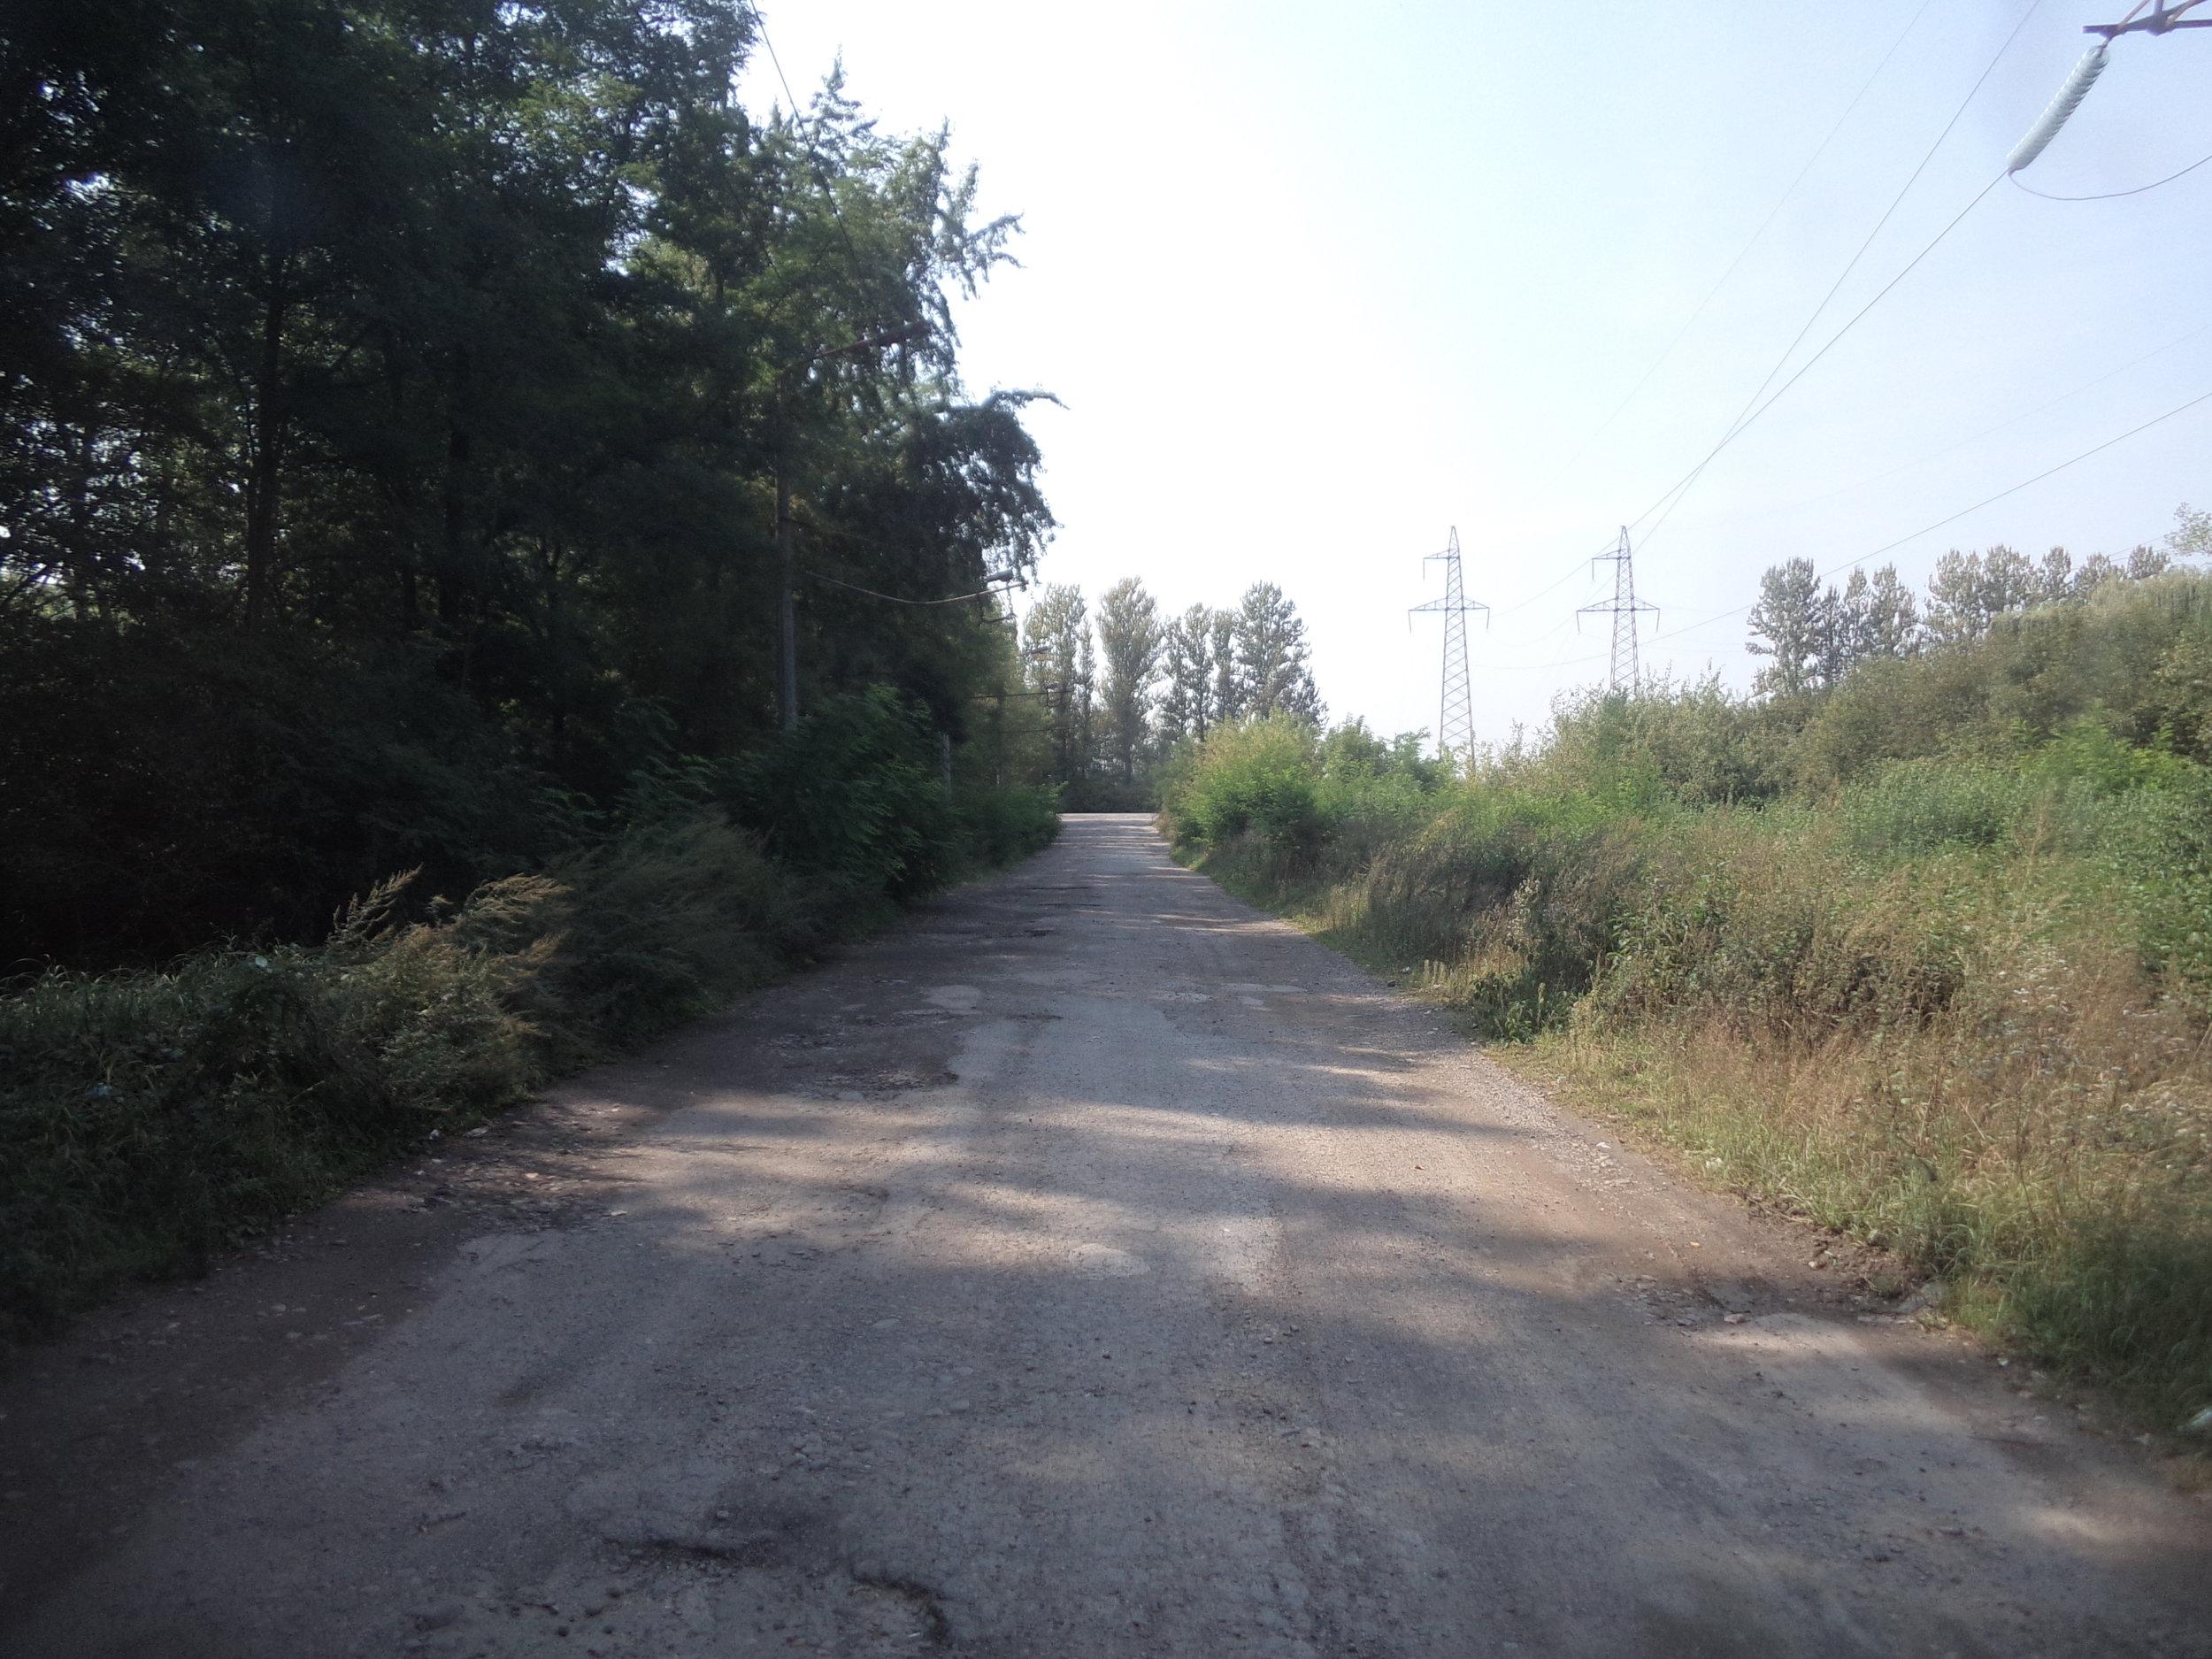 V dáli lze zahlédnout silnici H09 Ivano-Frankivsk  – Lvov a k ní směřující rozbitá cesta je ...